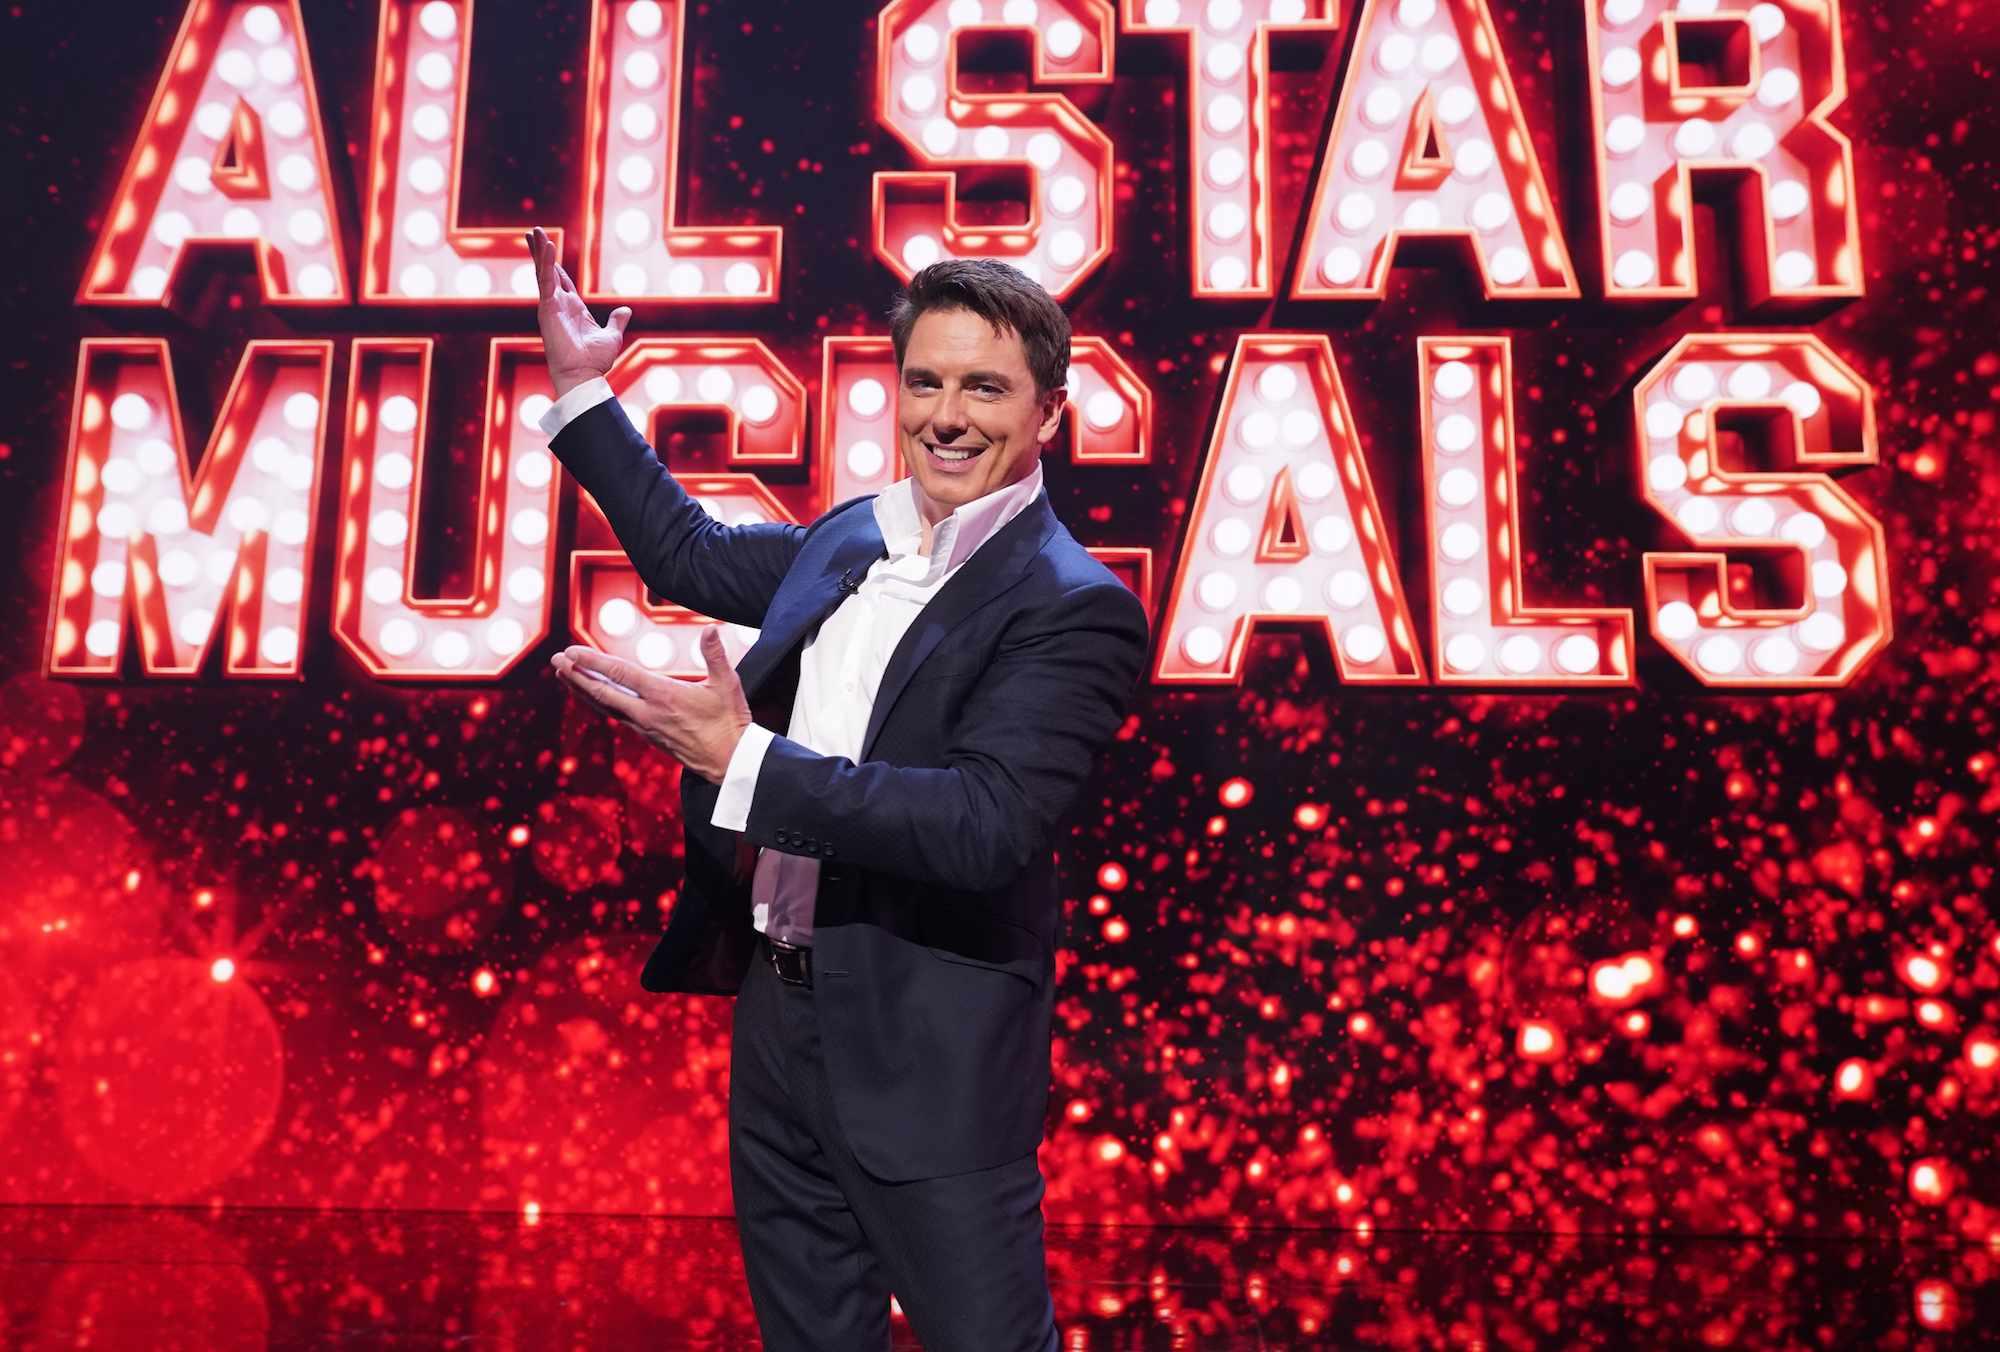 John Barrowman hosts All Star Musicals on ITV (ITV)